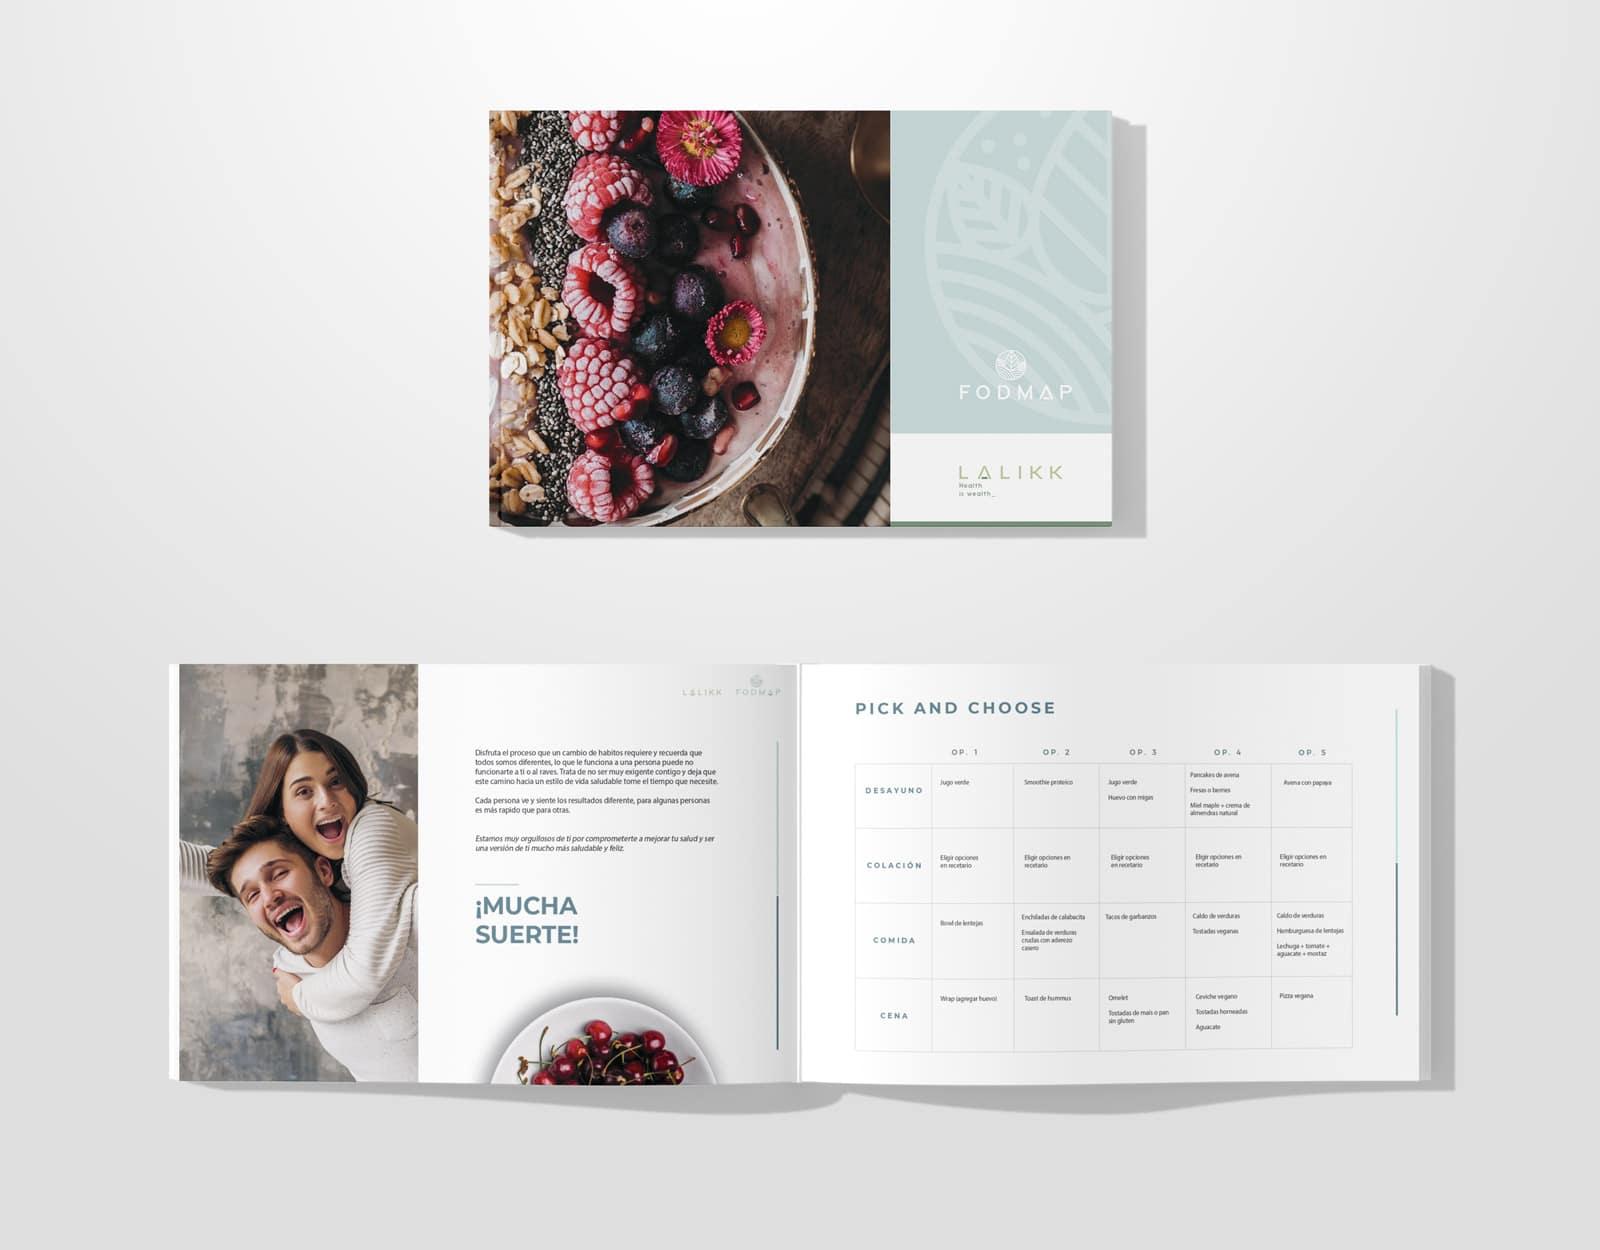 mambo-agencia-creativa-lalikk-ebook-5